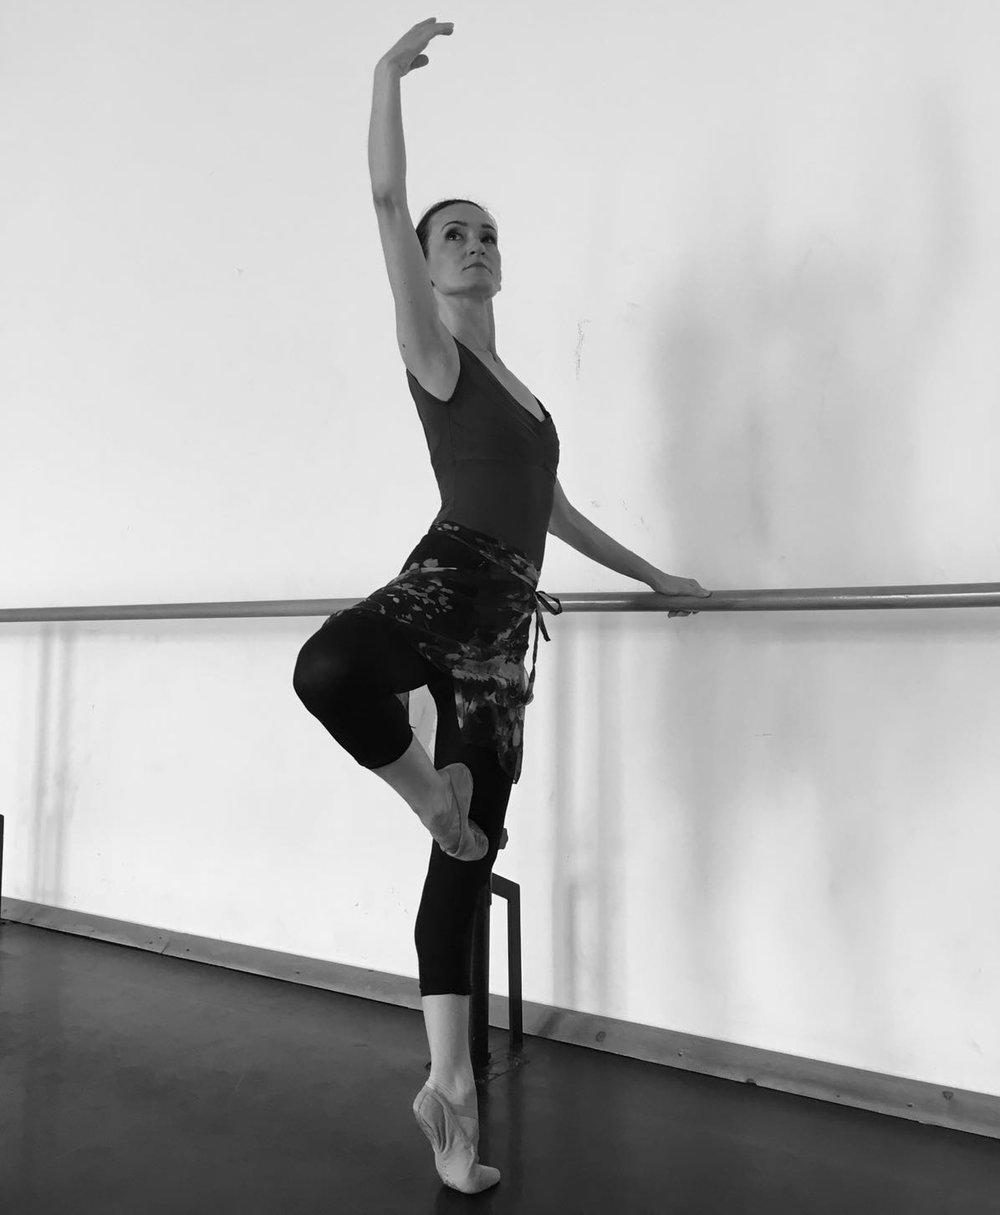 """- Elisa Mazzoli nasce a Vercelli dove inizia gli studi di danza,si perfeziona in seguito presso la Scuola del Balletto di Toscana diretta da Cristina Bozzolini. Comincia la sua carriera in varie compagnie in Italia e nel 1995 prende parte alla tournèe francese del Grand Ballet Canadiens ballando tra gli altri anche al Théatre des Champs-Elysées a Parigi.Dal 1996 al 1999 lavora al Teatro Sociale di Rovigo dove danza coreografie di Bob Cohan e Robert North.Nel 2000 entra a far parte del corpo di ballo della Fondazione Teatro Verdi di Trieste ed interpreta, tra le altre, coreografie di Riccardo Nunez, Giuseppe della Monica e Luciano Cannito.Nel 2005 partecipa ad una produzione con la compagnia EgriBiancoDanza e nell'ottobre dello stesso anno si esibisce nell'opera """"La Gioconda""""al Gran Teatre Liceu di Barcellona con le coreografie di Gheorghe Iancu.Entra a far parte del corpo di ballo della Fondazione Arena di Verona nel 1998 e da allora partecipa ai festival della lirica e a varie produzioni di balletto tra le quali: """"La Tempesta"""" di Fabrizio Monteverde, """"Romeo e Giulietta"""" di Amedeo Amodio, """"Don Chisciotte"""", """"La Vedova Allegra"""","""" La Bella Addormentata Nel Bosco"""", """"Il Lago Dei Cigni"""", """"Cenerentola"""", """"Giselle"""", """"Il Corsaro"""" , """"Blue Moon"""" e """"Omaggio a Nino Rota"""" di Maria Grazia Garofoli, """"Omaggio a Stravinsky"""" , """"Omaggio a Ravel"""", """" Cercando Verdi"""",""""Il Lago Dei Cigni"""", """"Medea"""", """"Valzer & Co"""", """"XX Secolo"""",""""Amor Brujo"""",""""Cavalleria Rusticana"""",e """"Galà di Mezza Estate"""" di Renato Zanella."""